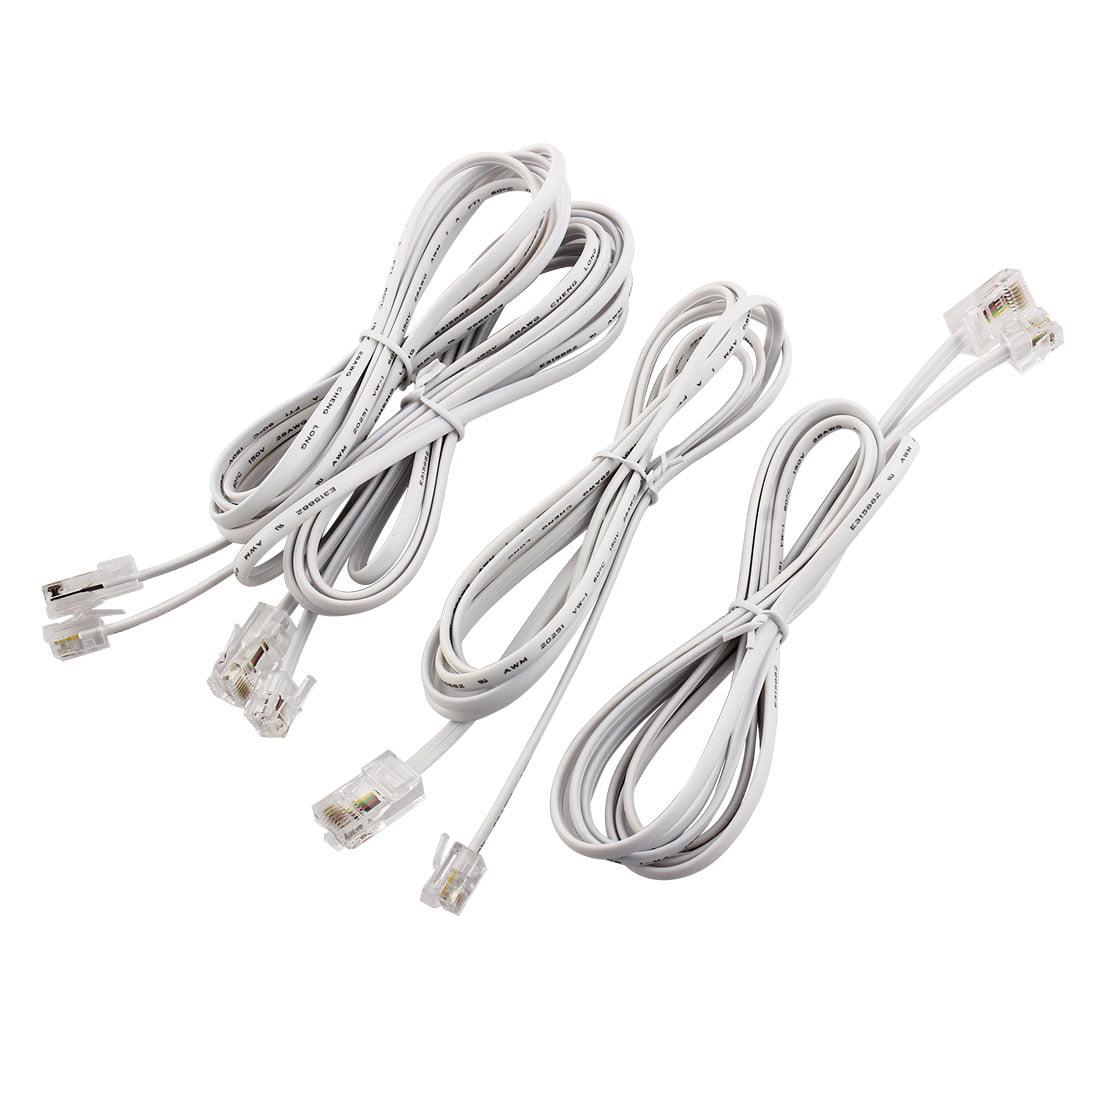 Plastic RJ11 6P4C to RJ45 8P8C Modular Telephone Network Extension Cable 4pcs